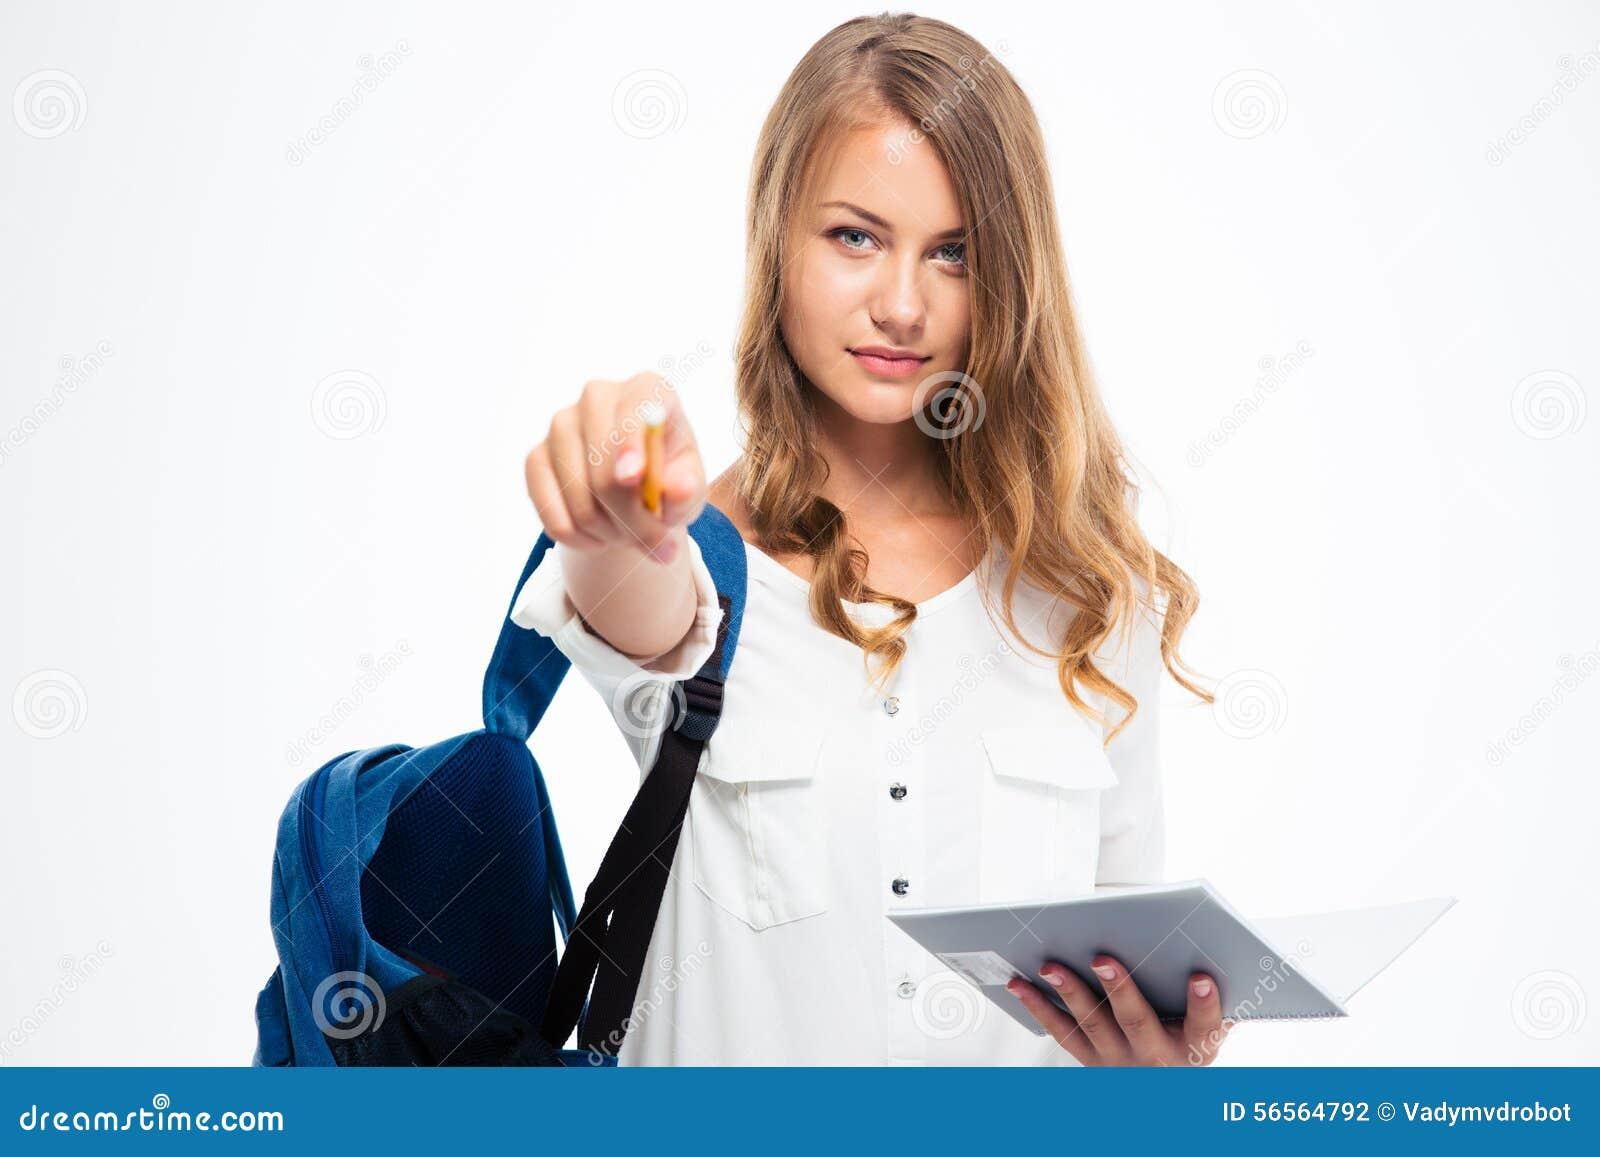 Download Σπουδαστής που δείχνει το μολύβι στη κάμερα Στοκ Εικόνες - εικόνα από σημείωση, κοίταγμα: 56564792